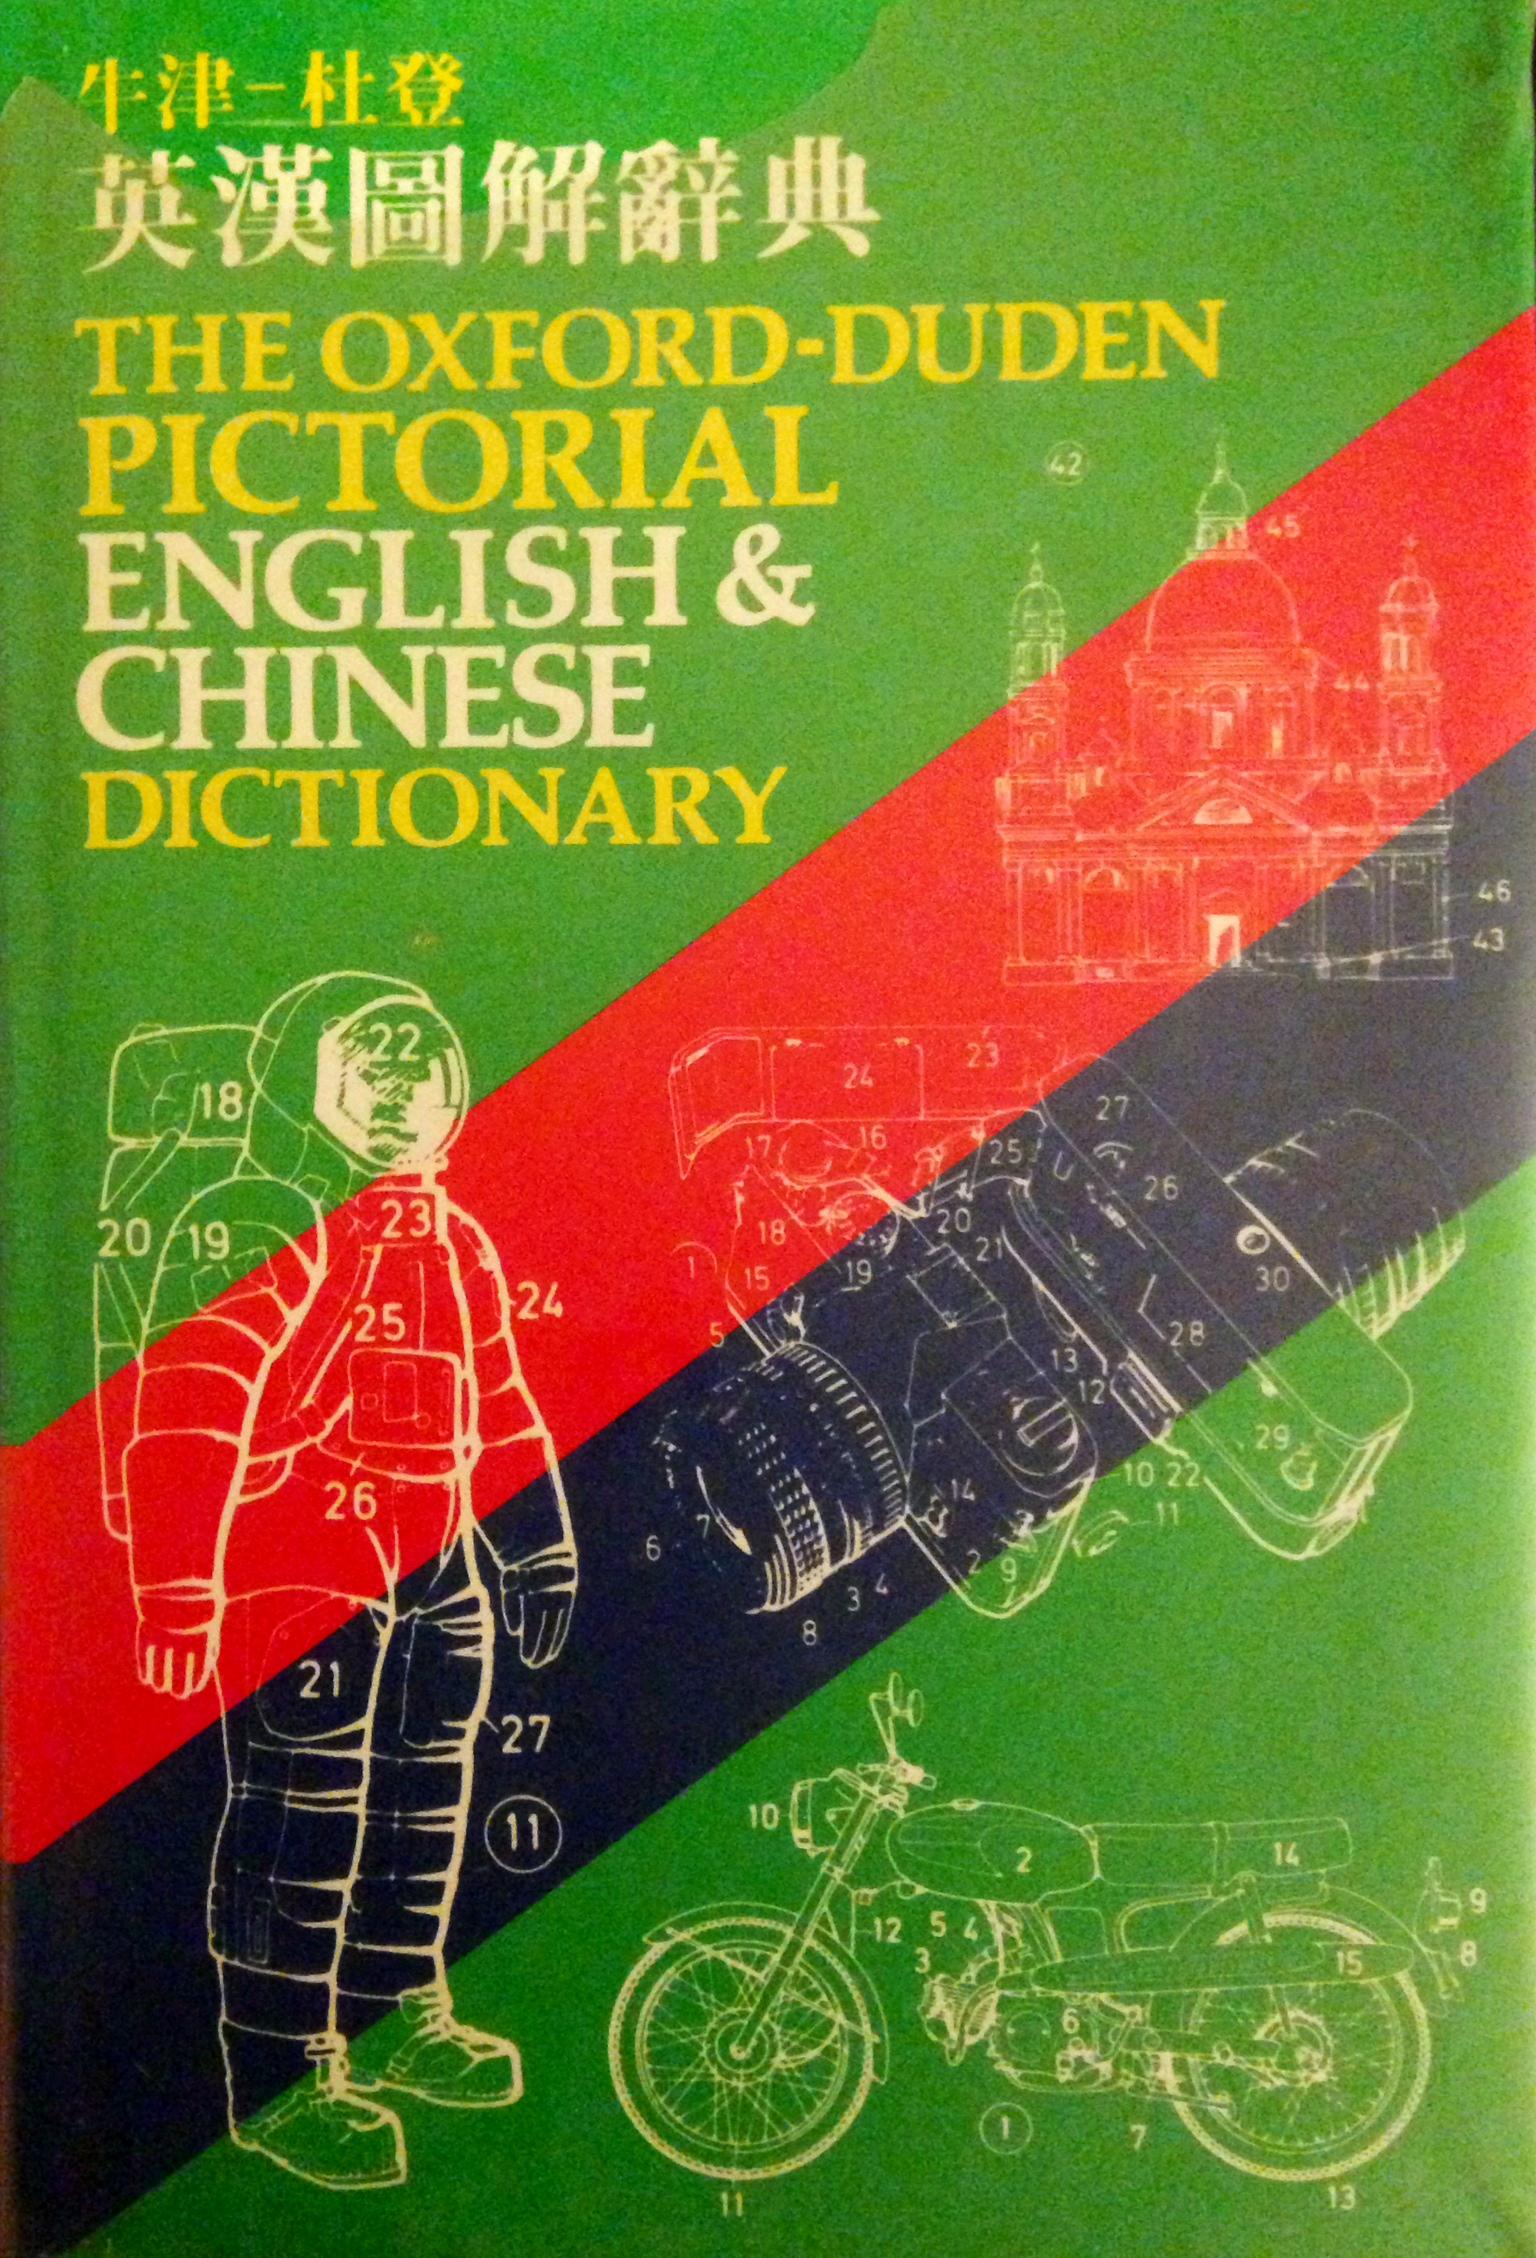 The Oxford-Duden Pictorial English and Chinese Dictionary = Niu-jin - Du-wei Ying Han Tu Jie Ci Dian.